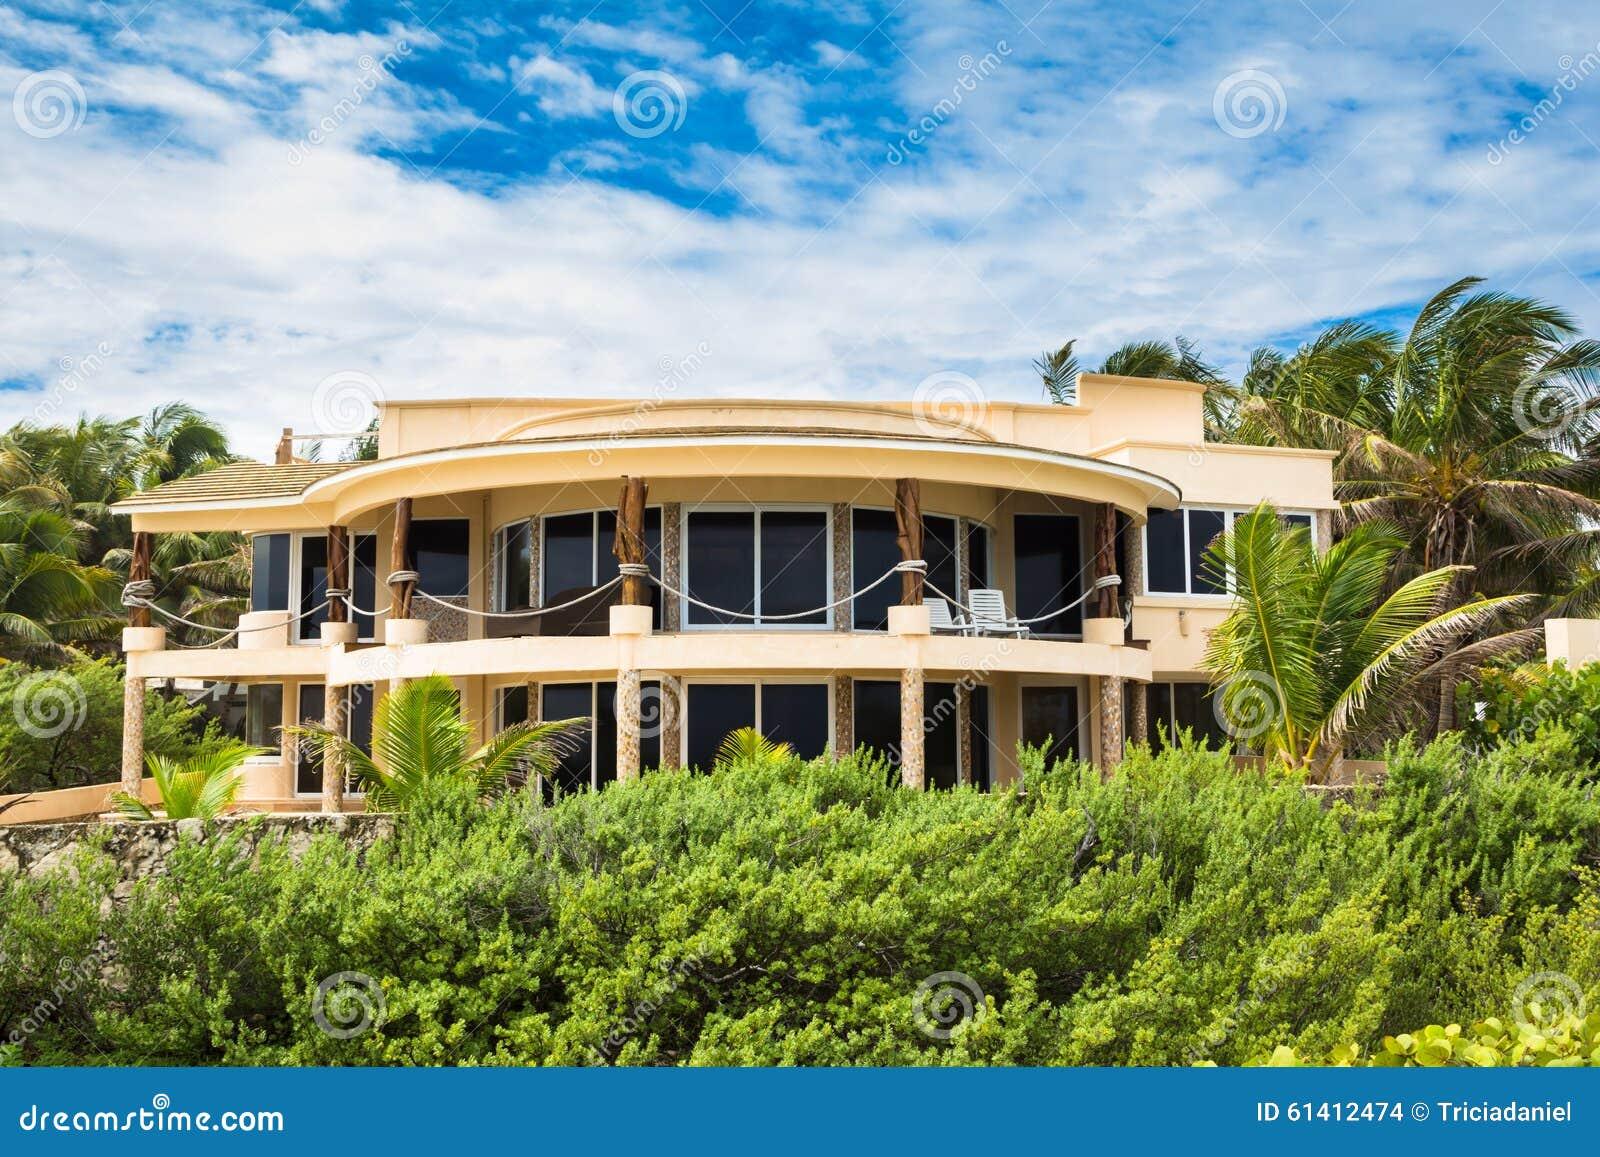 Isla Mujeres Mexico Beach House Stock Photo Image 61412474